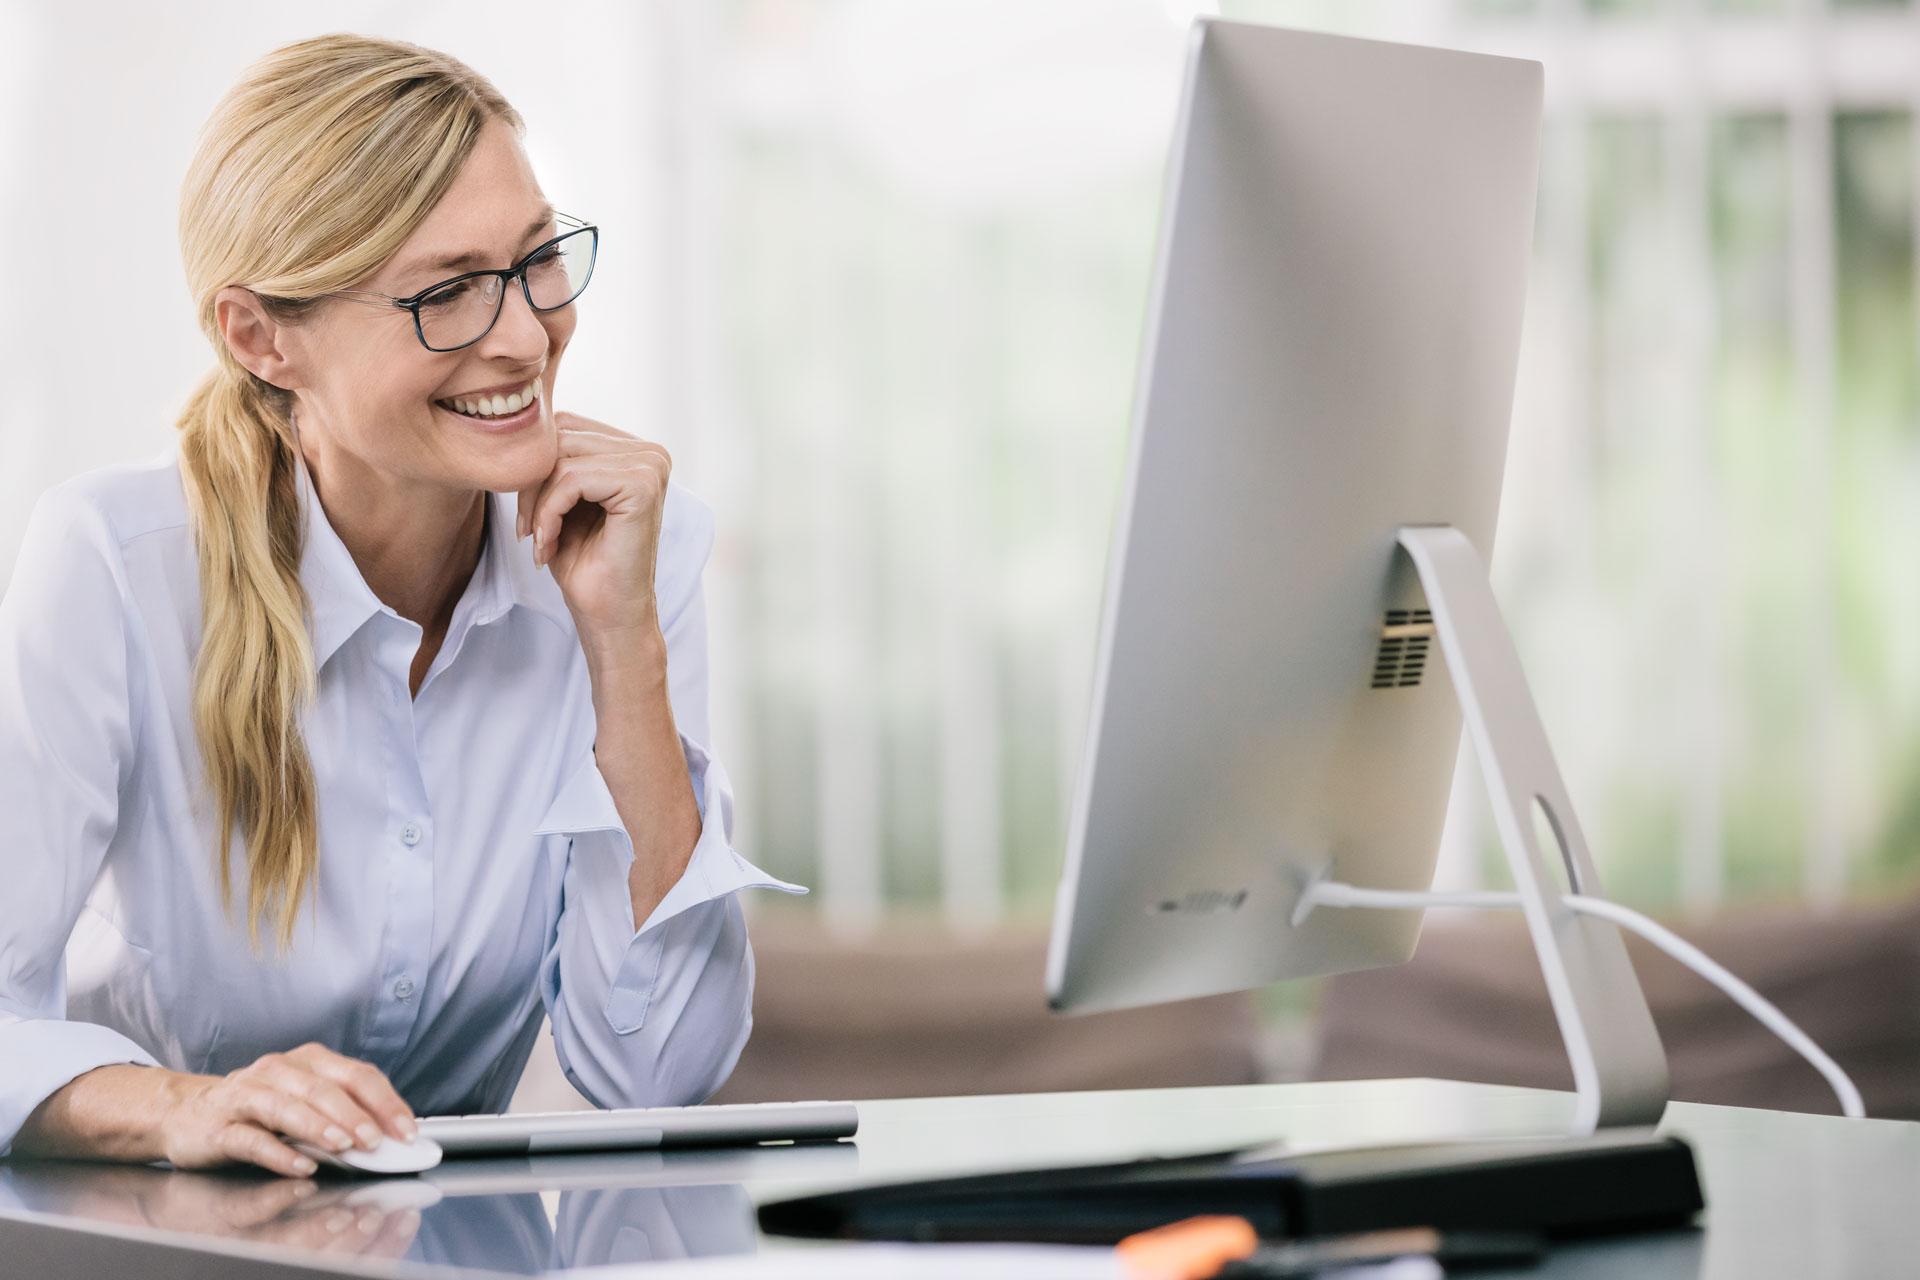 Hrpwr - Több mint 6 órát töltesz naponta a monitor előtt? Ezért ne tedd!